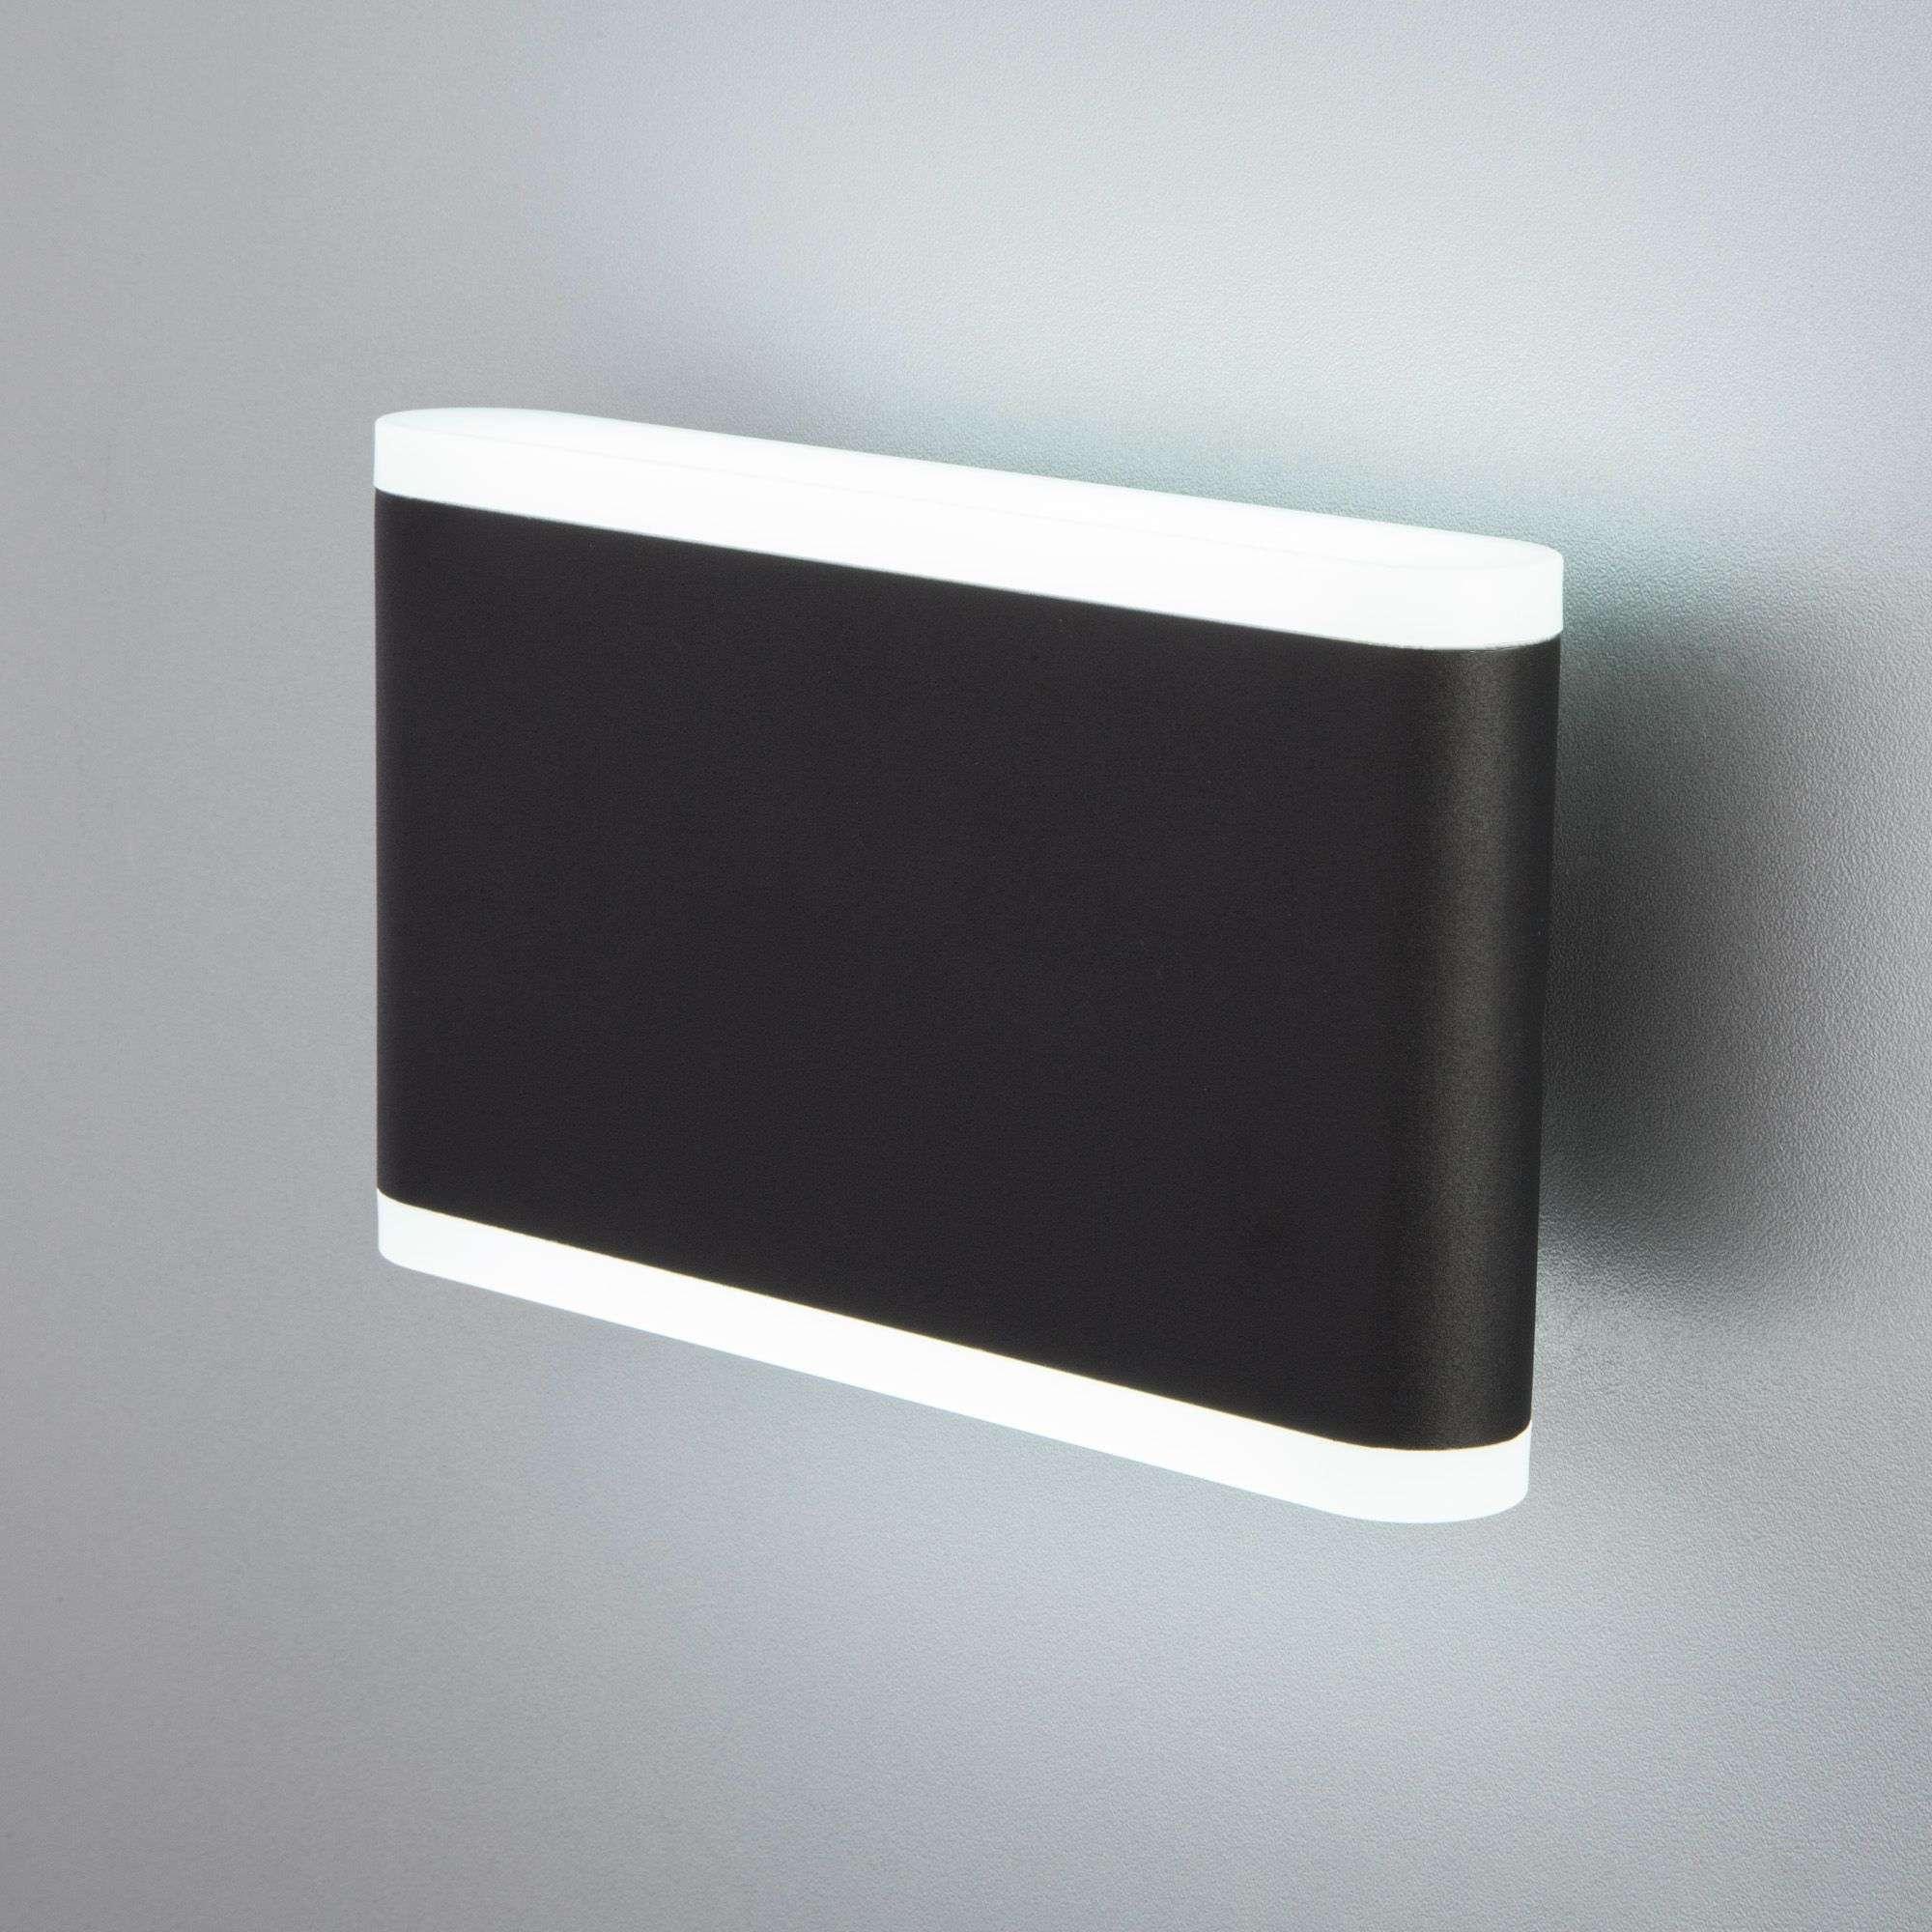 Пылевлагозащи<wbr>щенный светодиодный светильник Cover черный IP54 1505 Techno LED чёрный